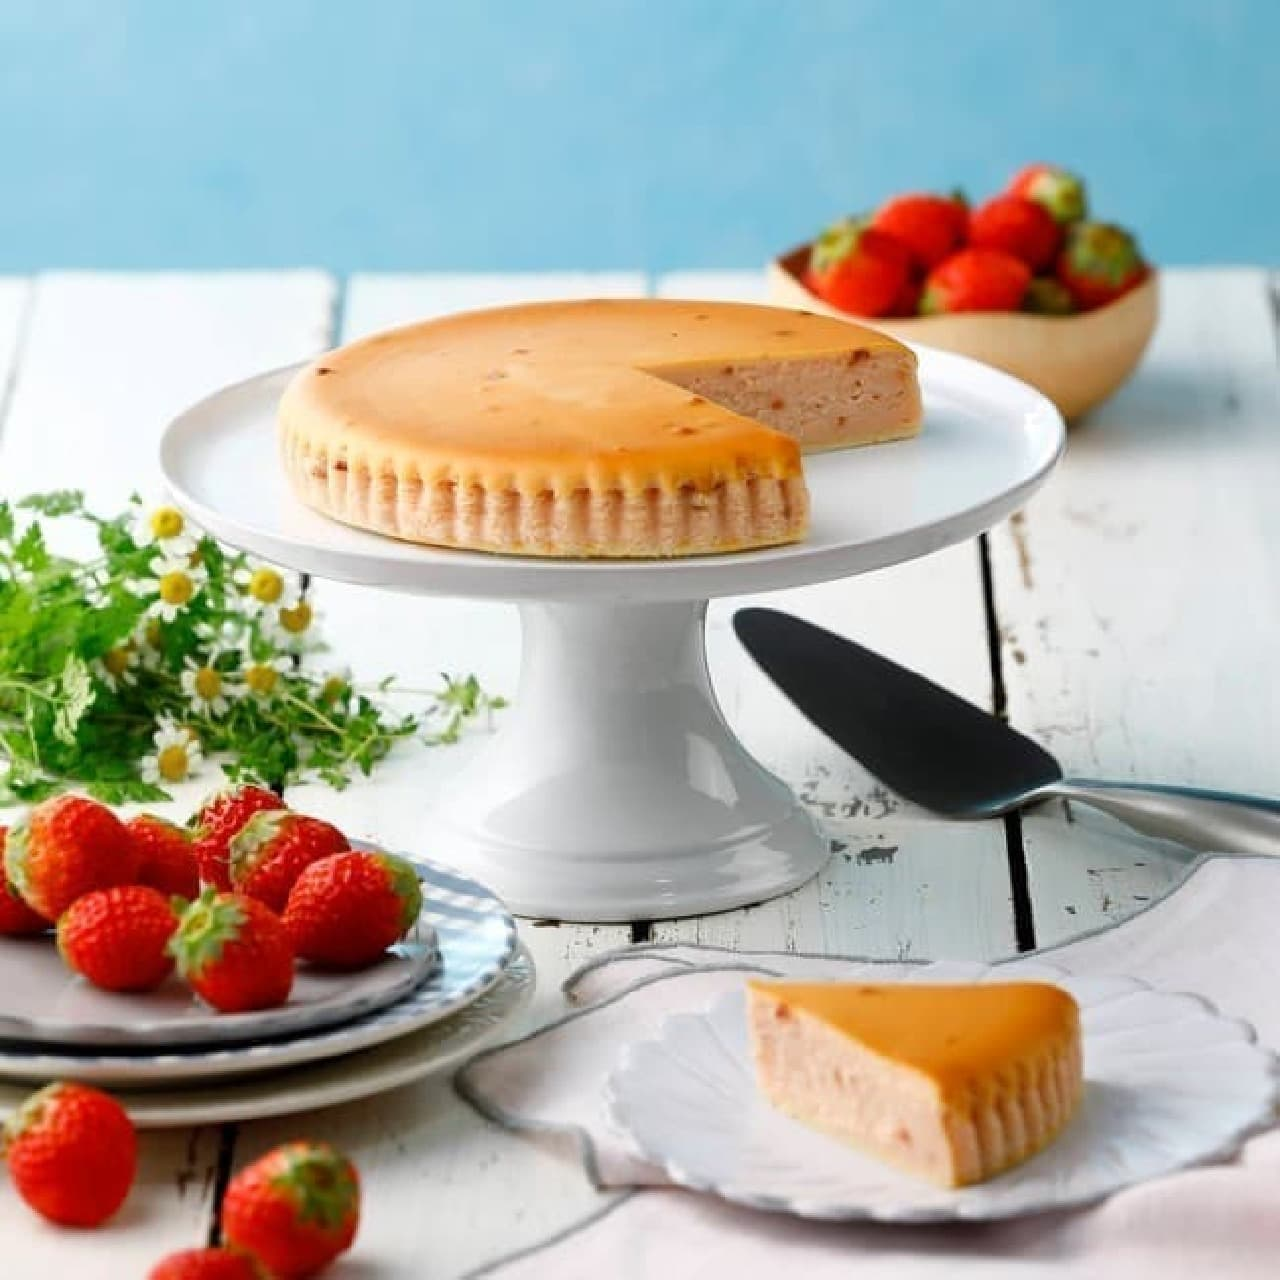 チーズガーデン「御用邸ストロベリーチーズケーキ」